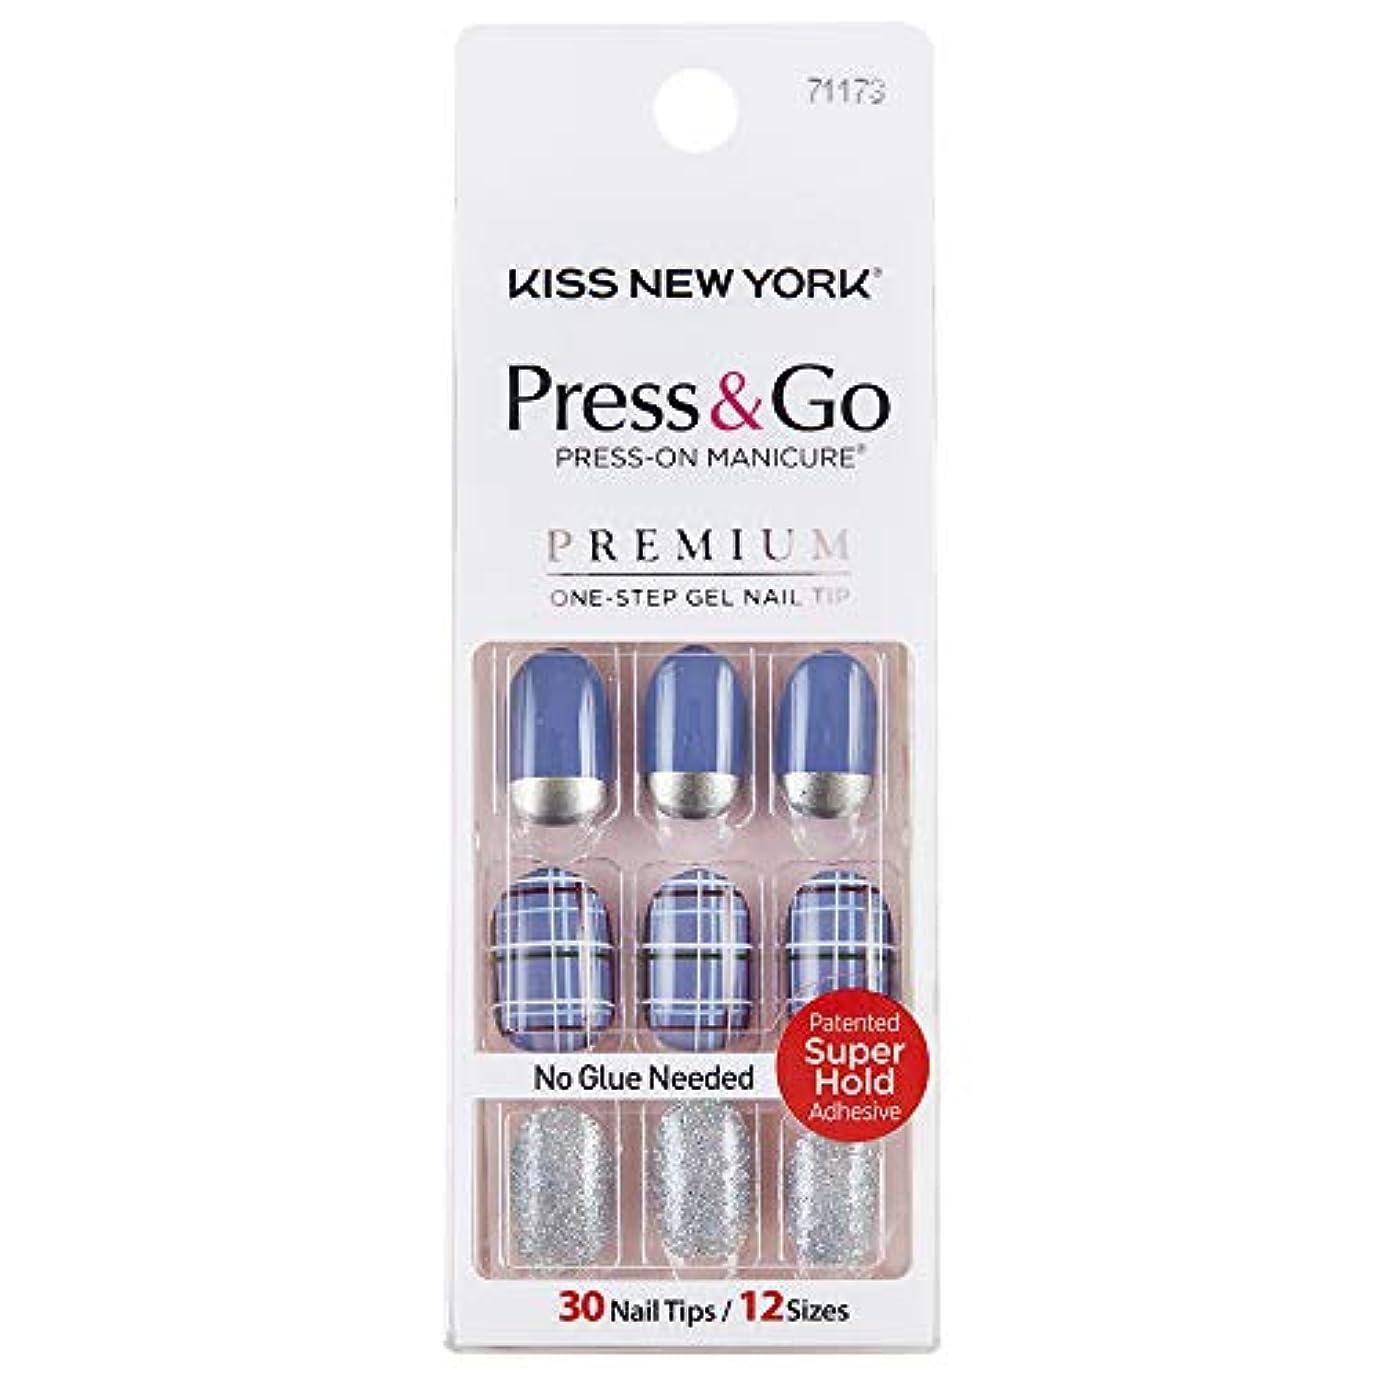 噛む傘里親キスニューヨーク (KISS NEW YORK) KISS NEWYORK ネイルチップPress&Go BHJ22J 19g